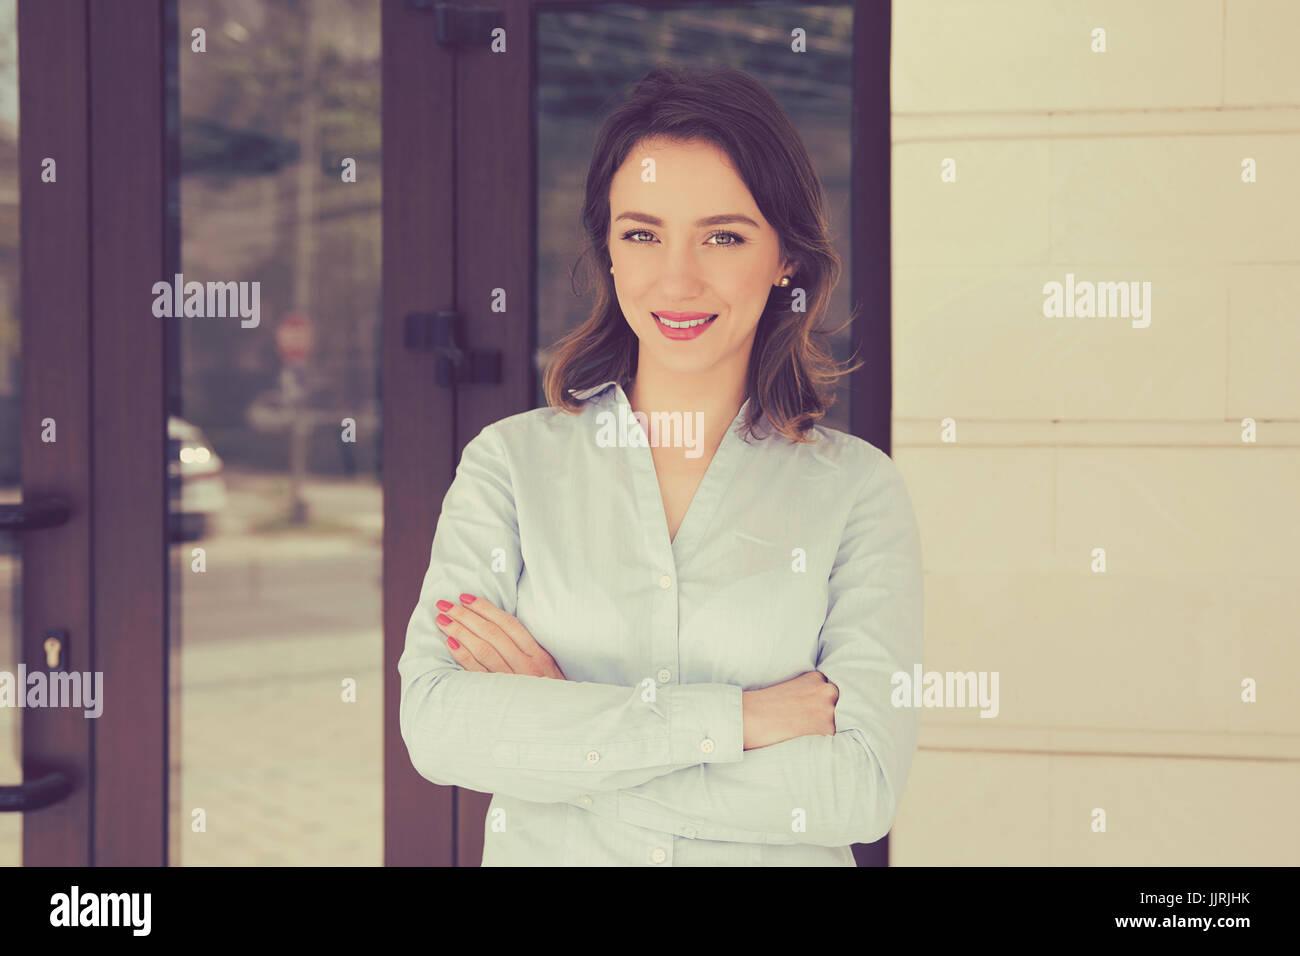 Femme de l'agent immobilier attrayant Photo Stock